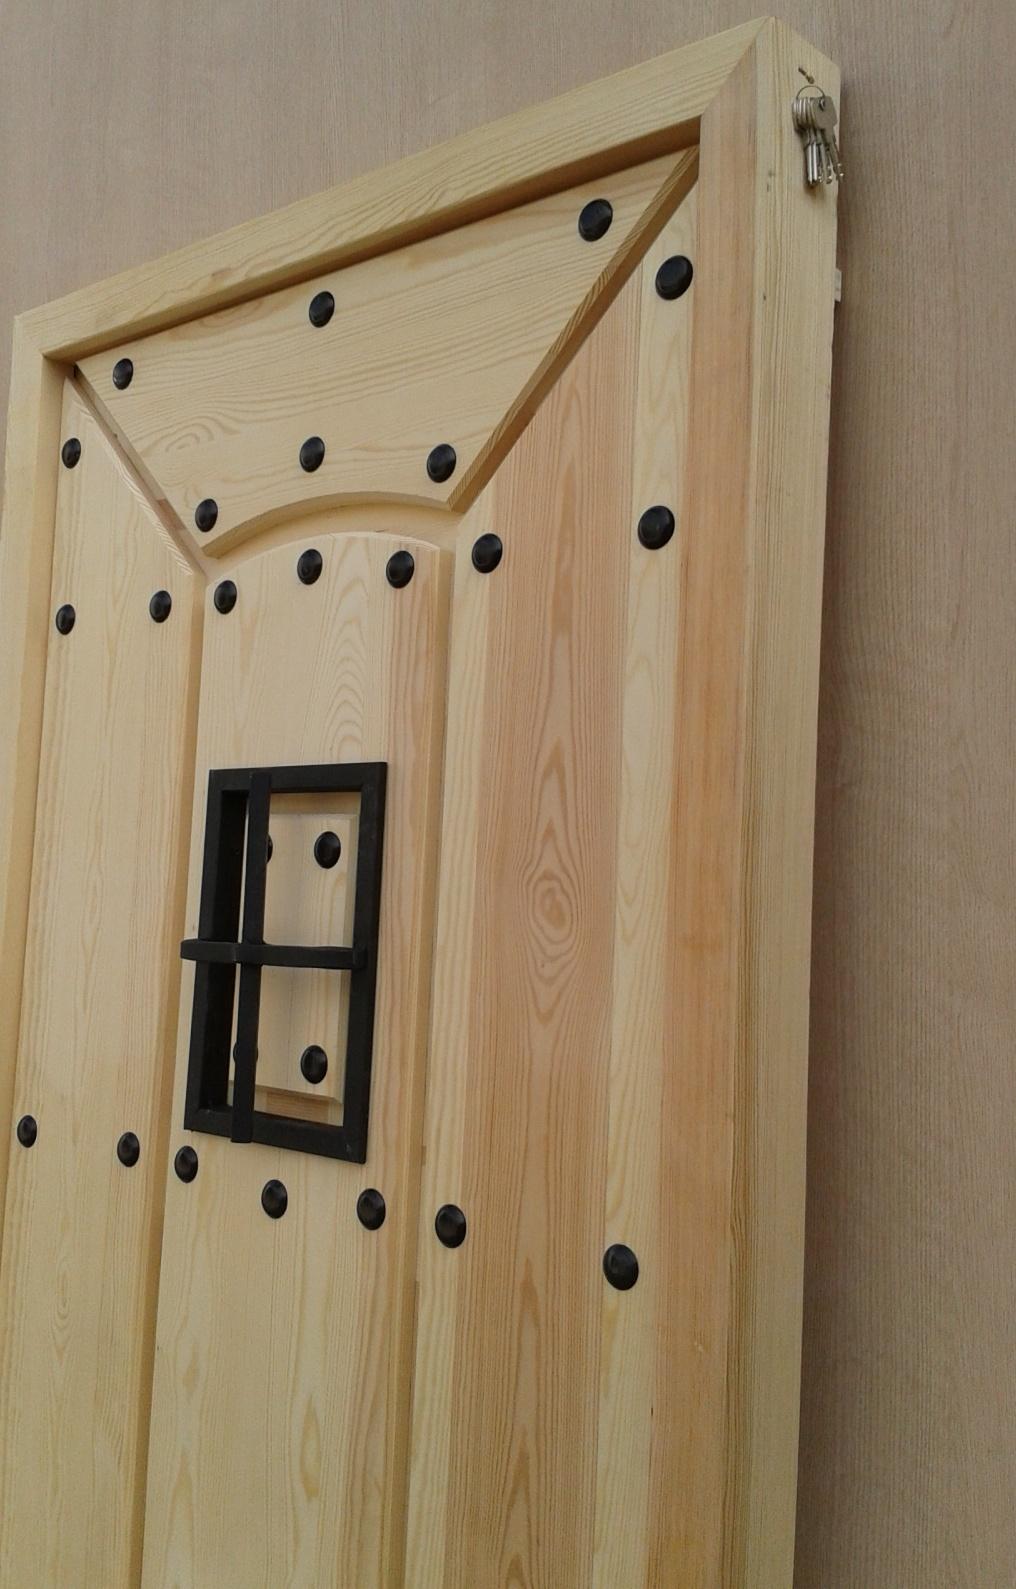 Carpinter a de madera puertas de madera for Carpinteria de madera